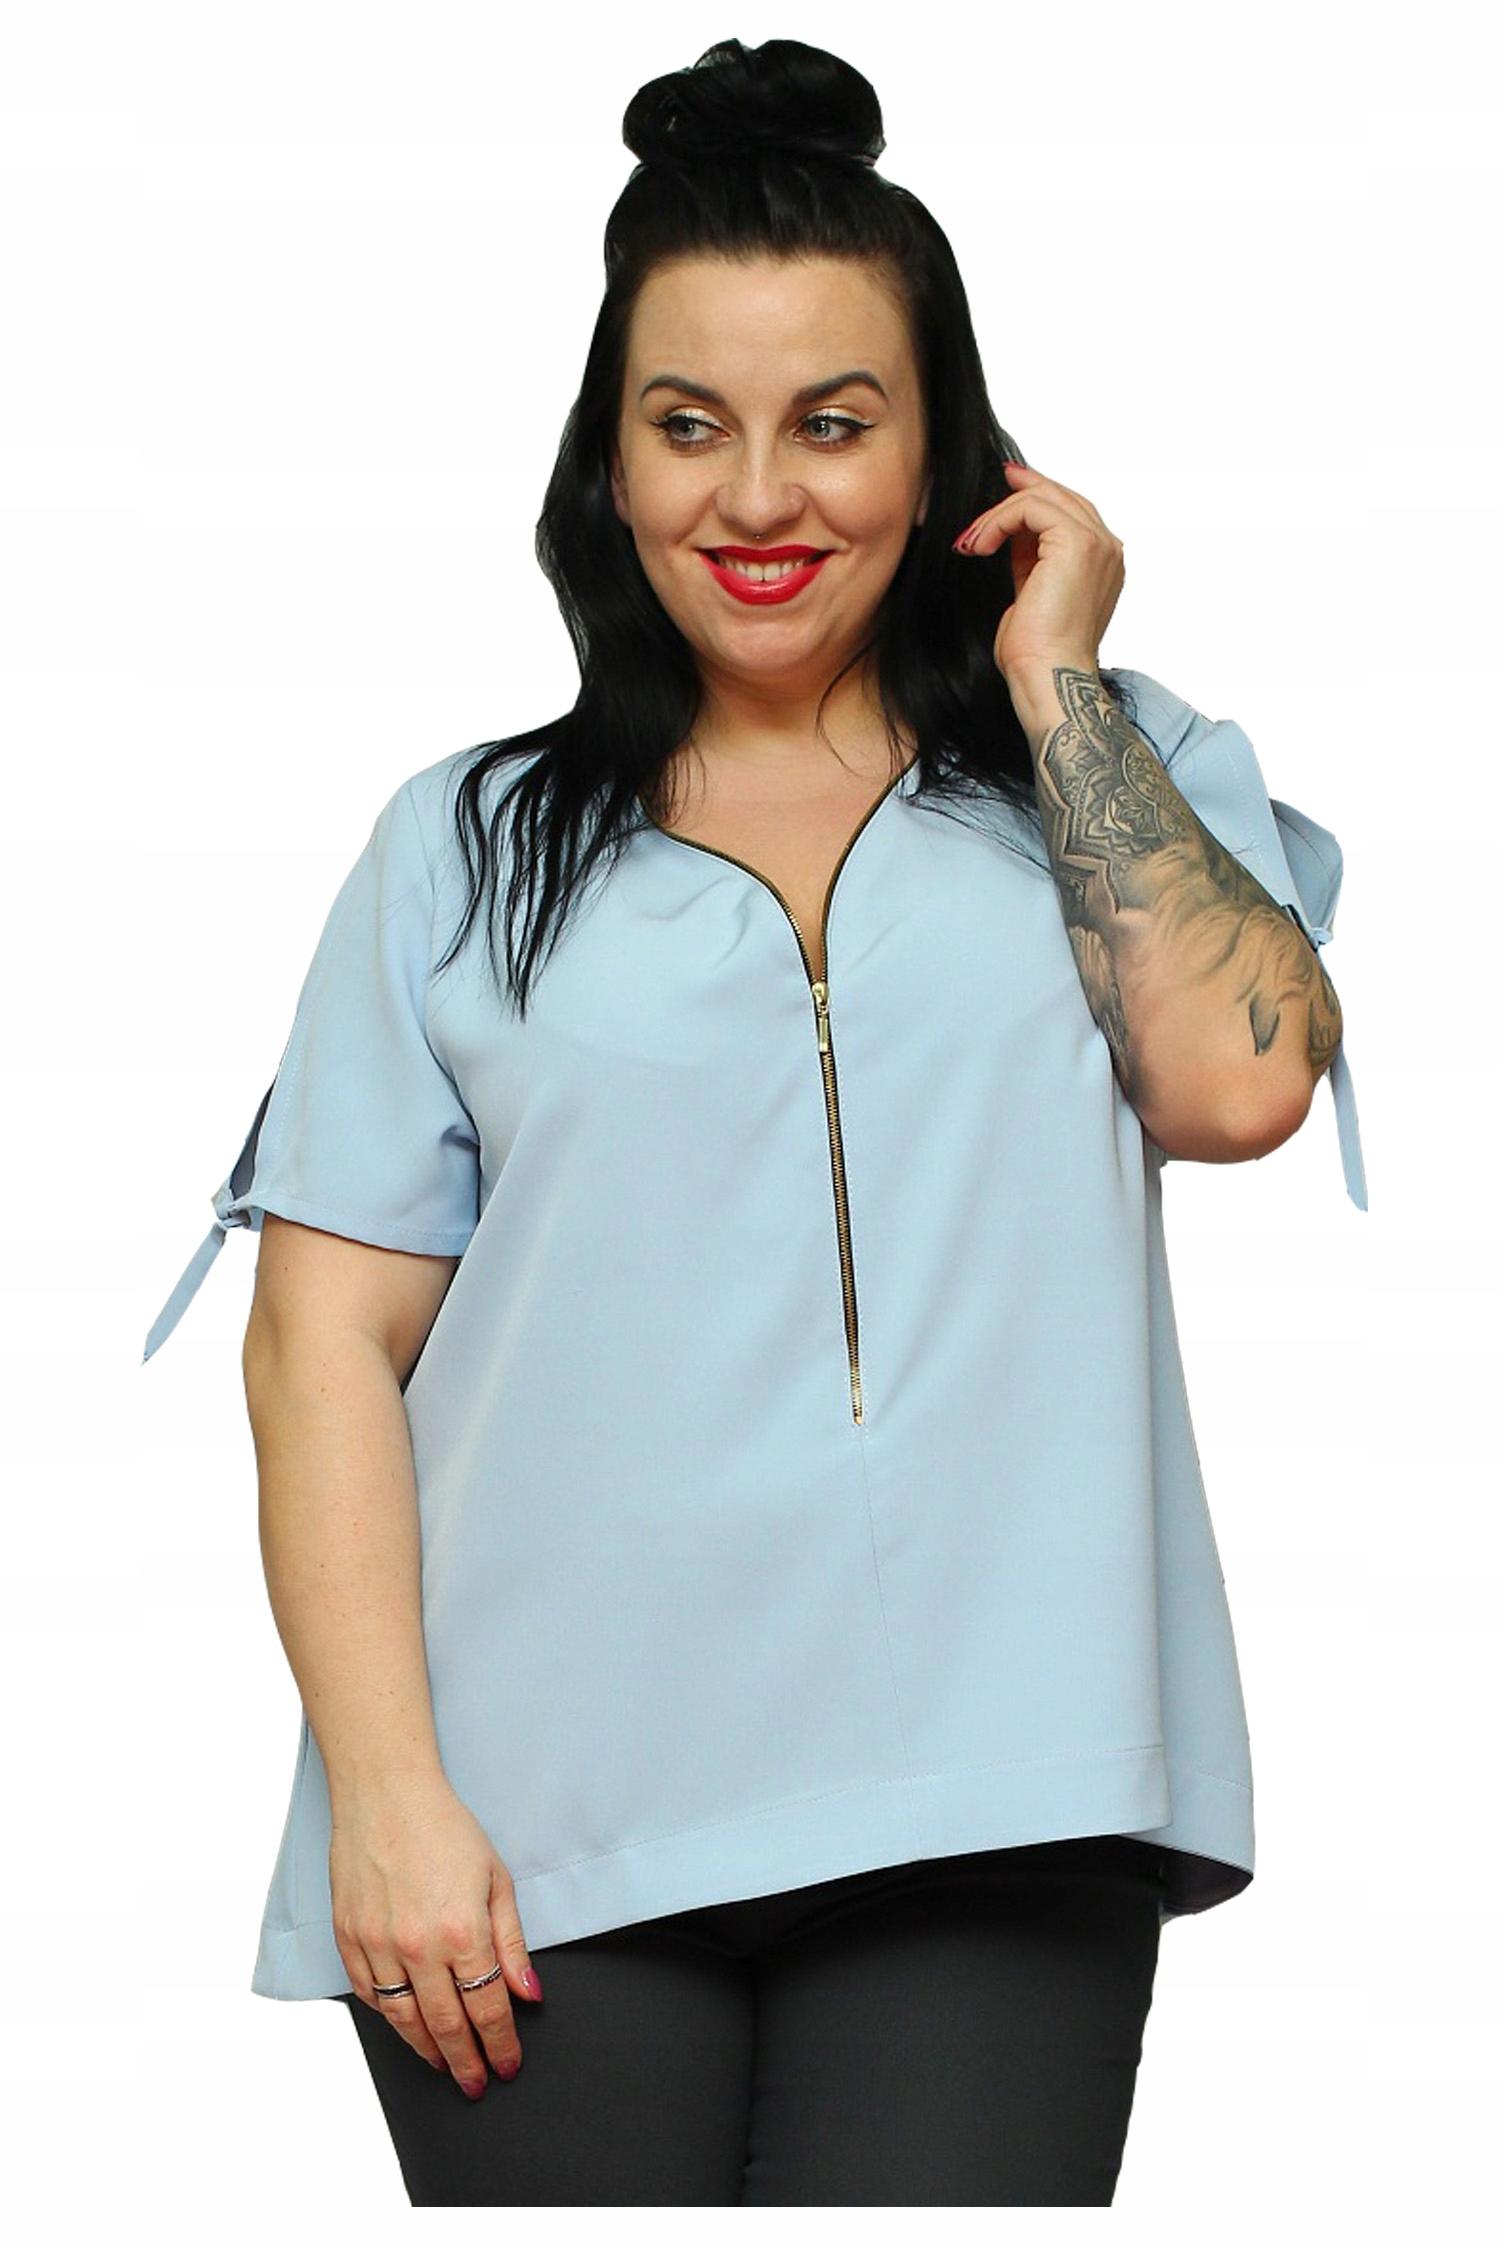 b375186447 Bluzka MILLA elegancka z zameczkiem błękit 50 - 7373365855 ...